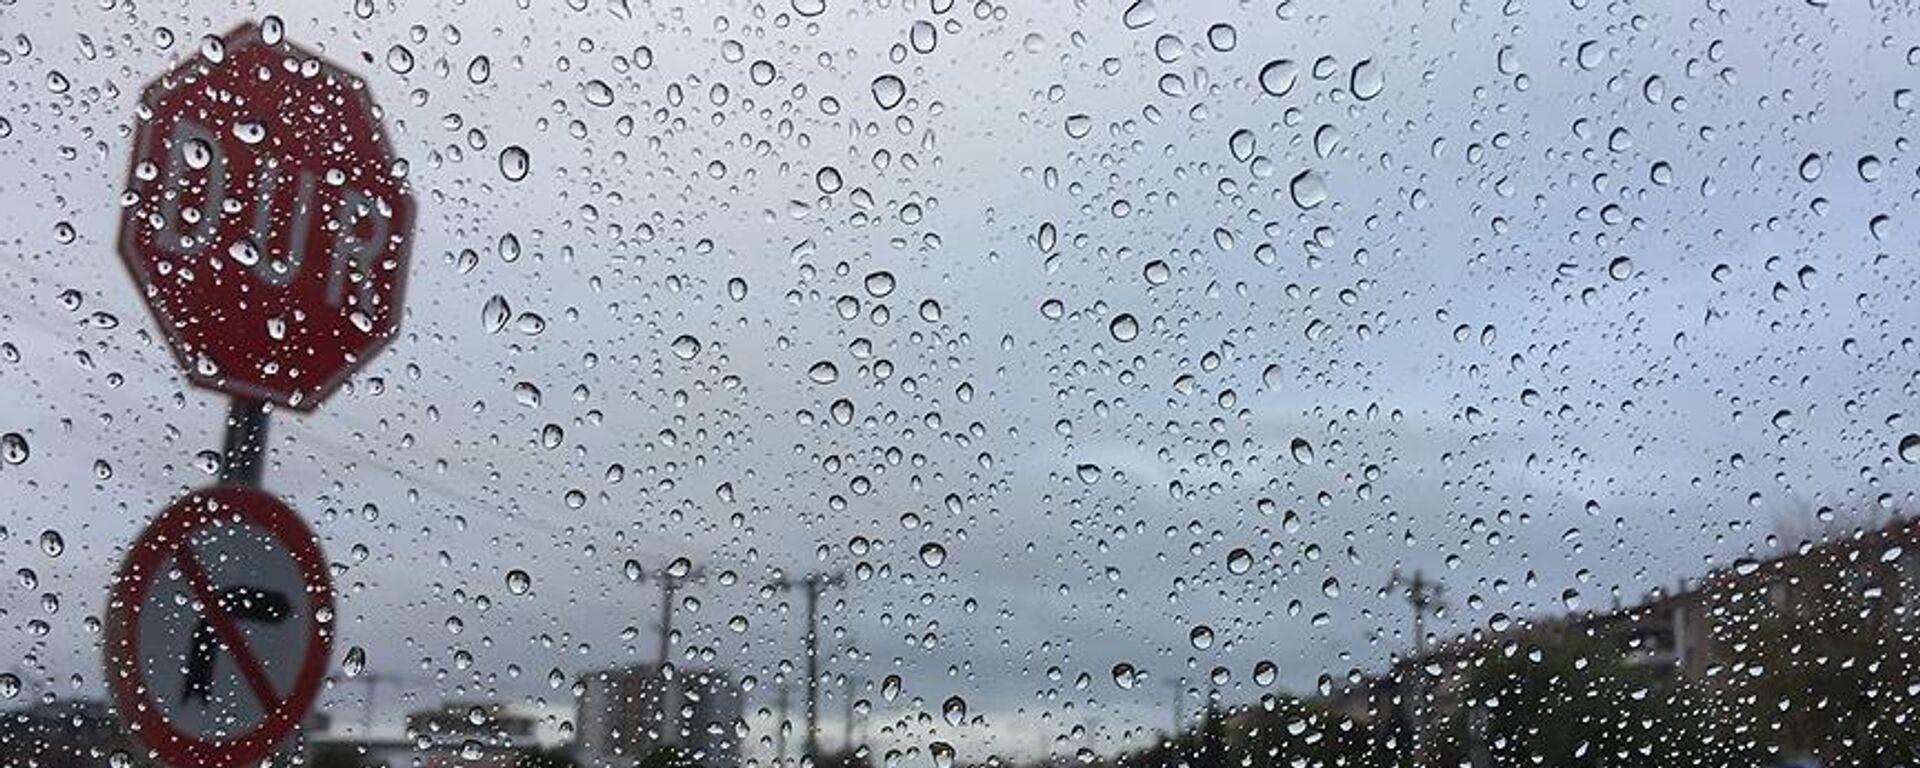 yağış, sağanak yağış, yağmur - Sputnik Türkiye, 1920, 18.08.2021